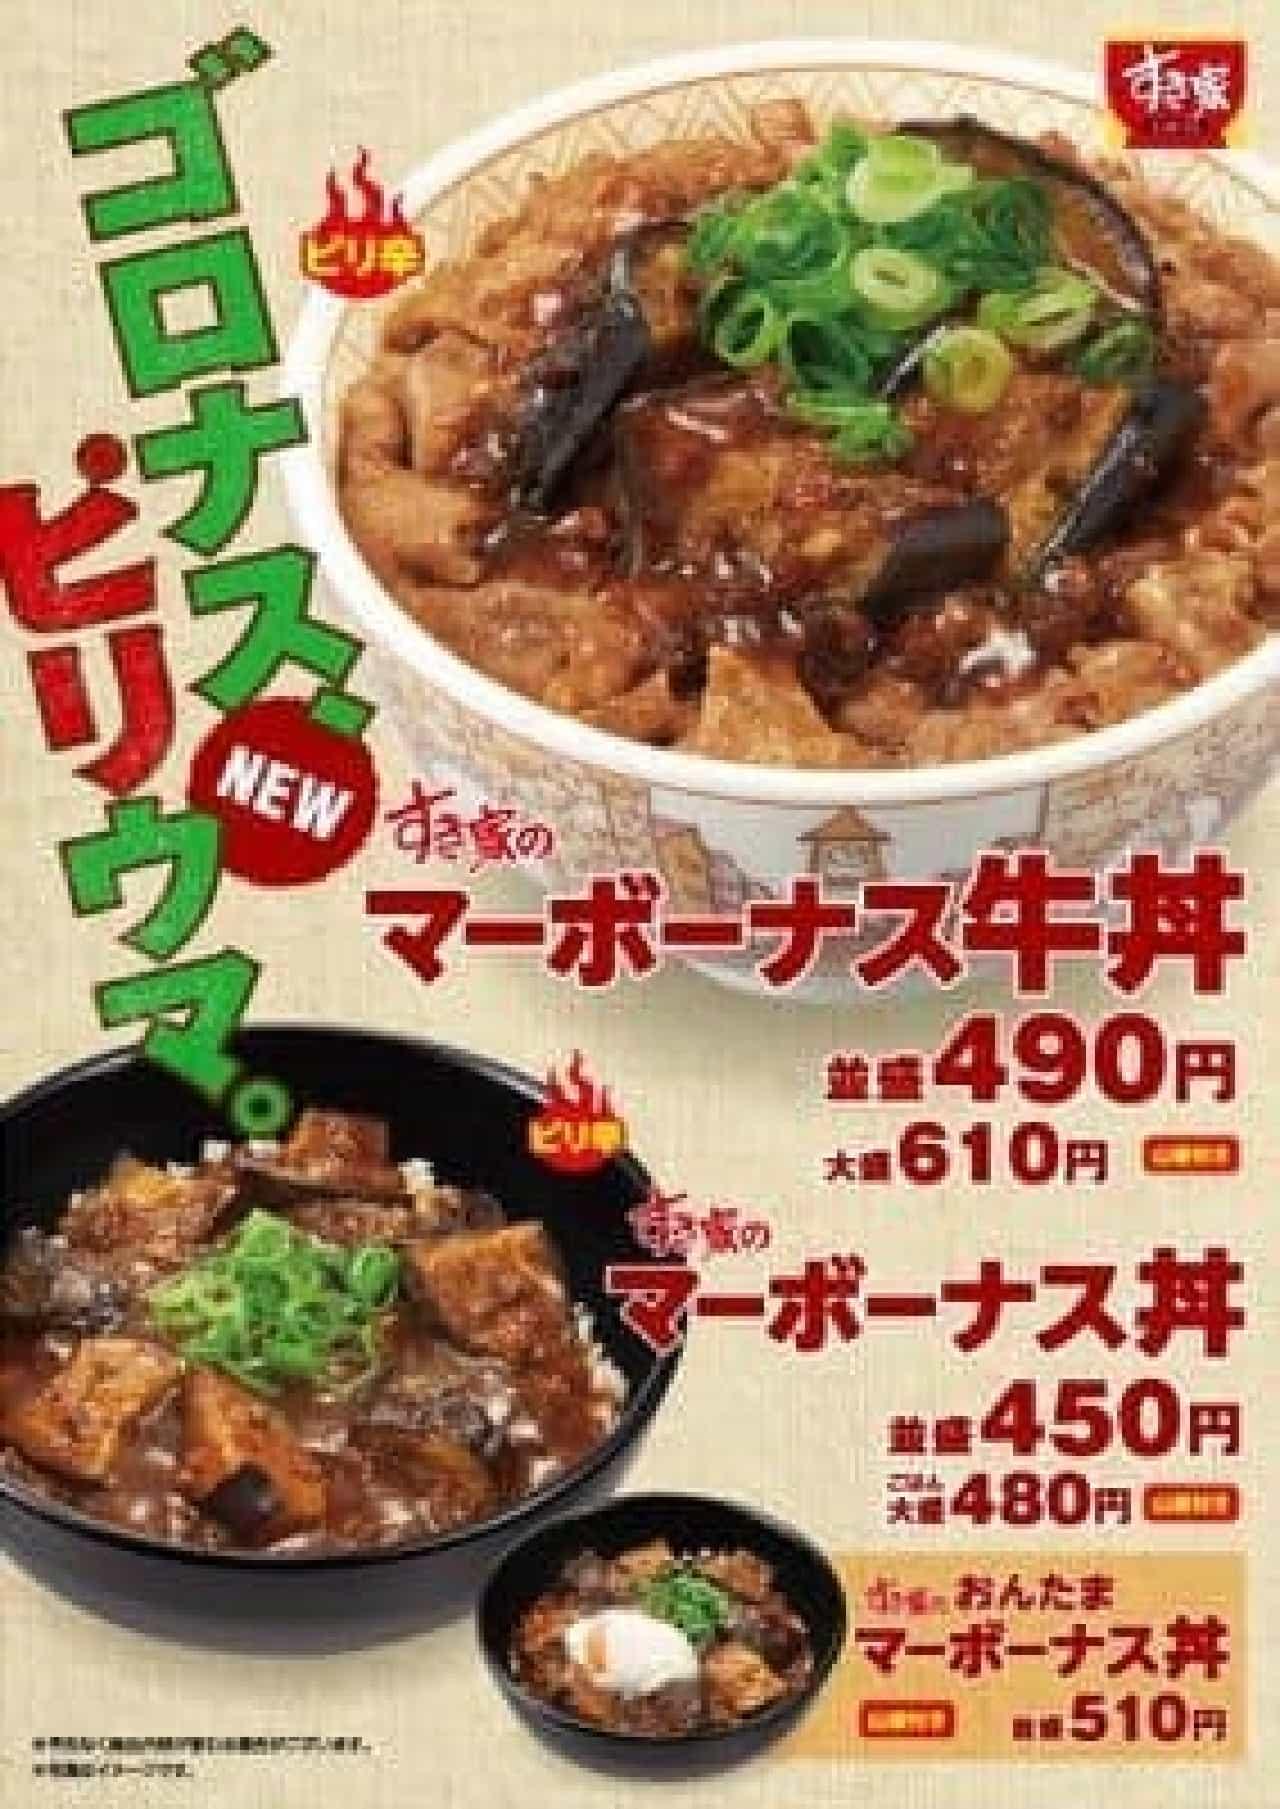 「マーボーナス牛丼」